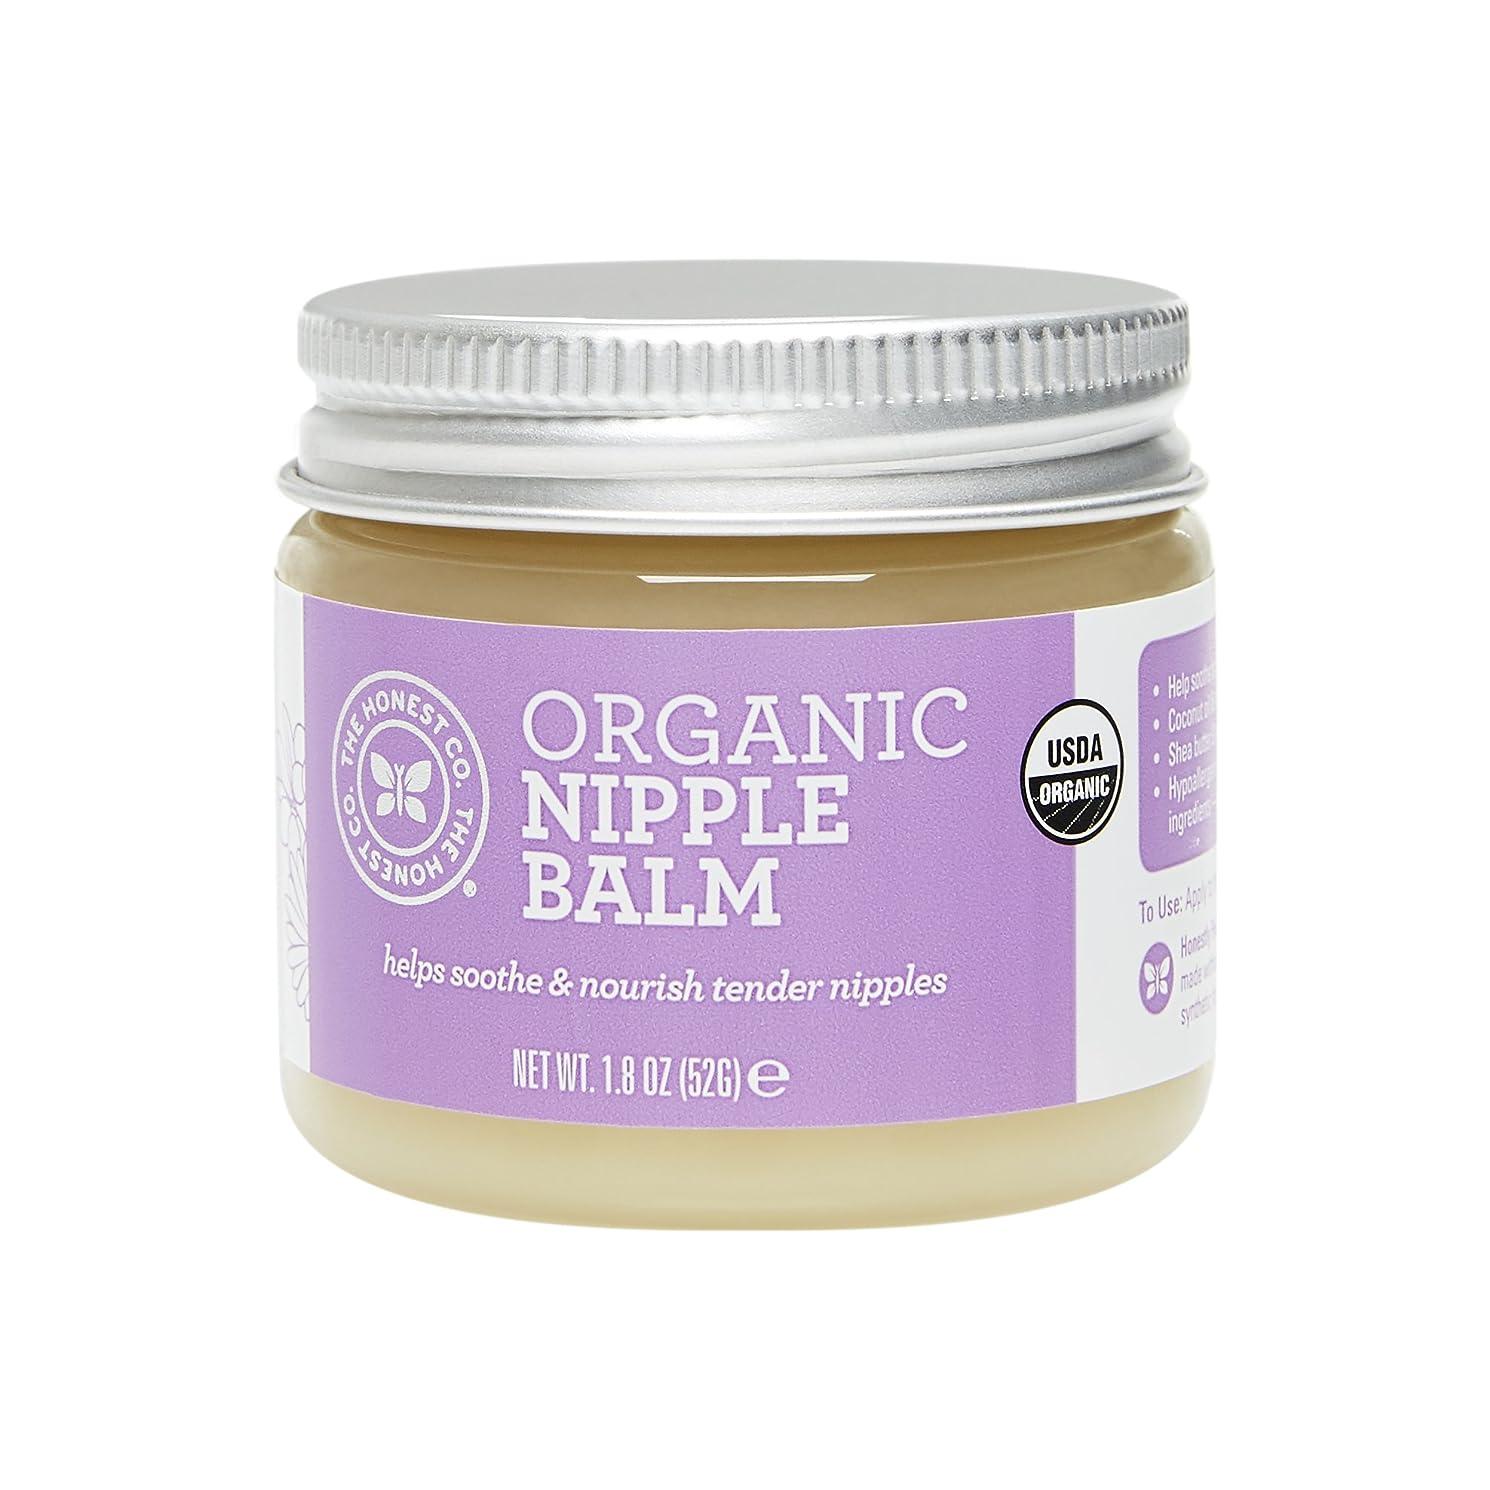 原油エンゲージメントThe Honest Company Organic Nipple Balm 1.8 oz [並行輸入品]